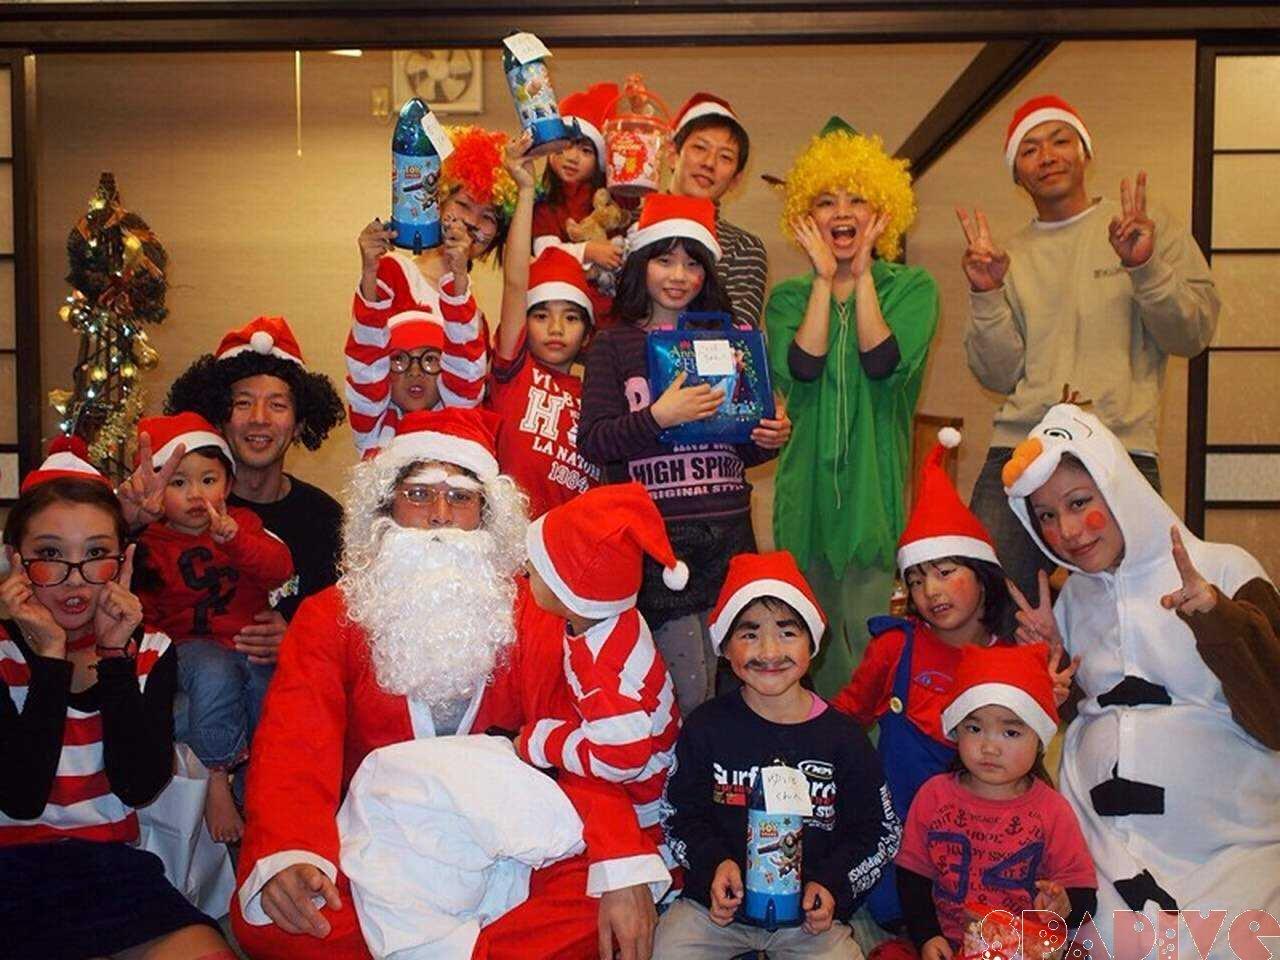 今年のクリスマス♪ 2014年12月23-24日